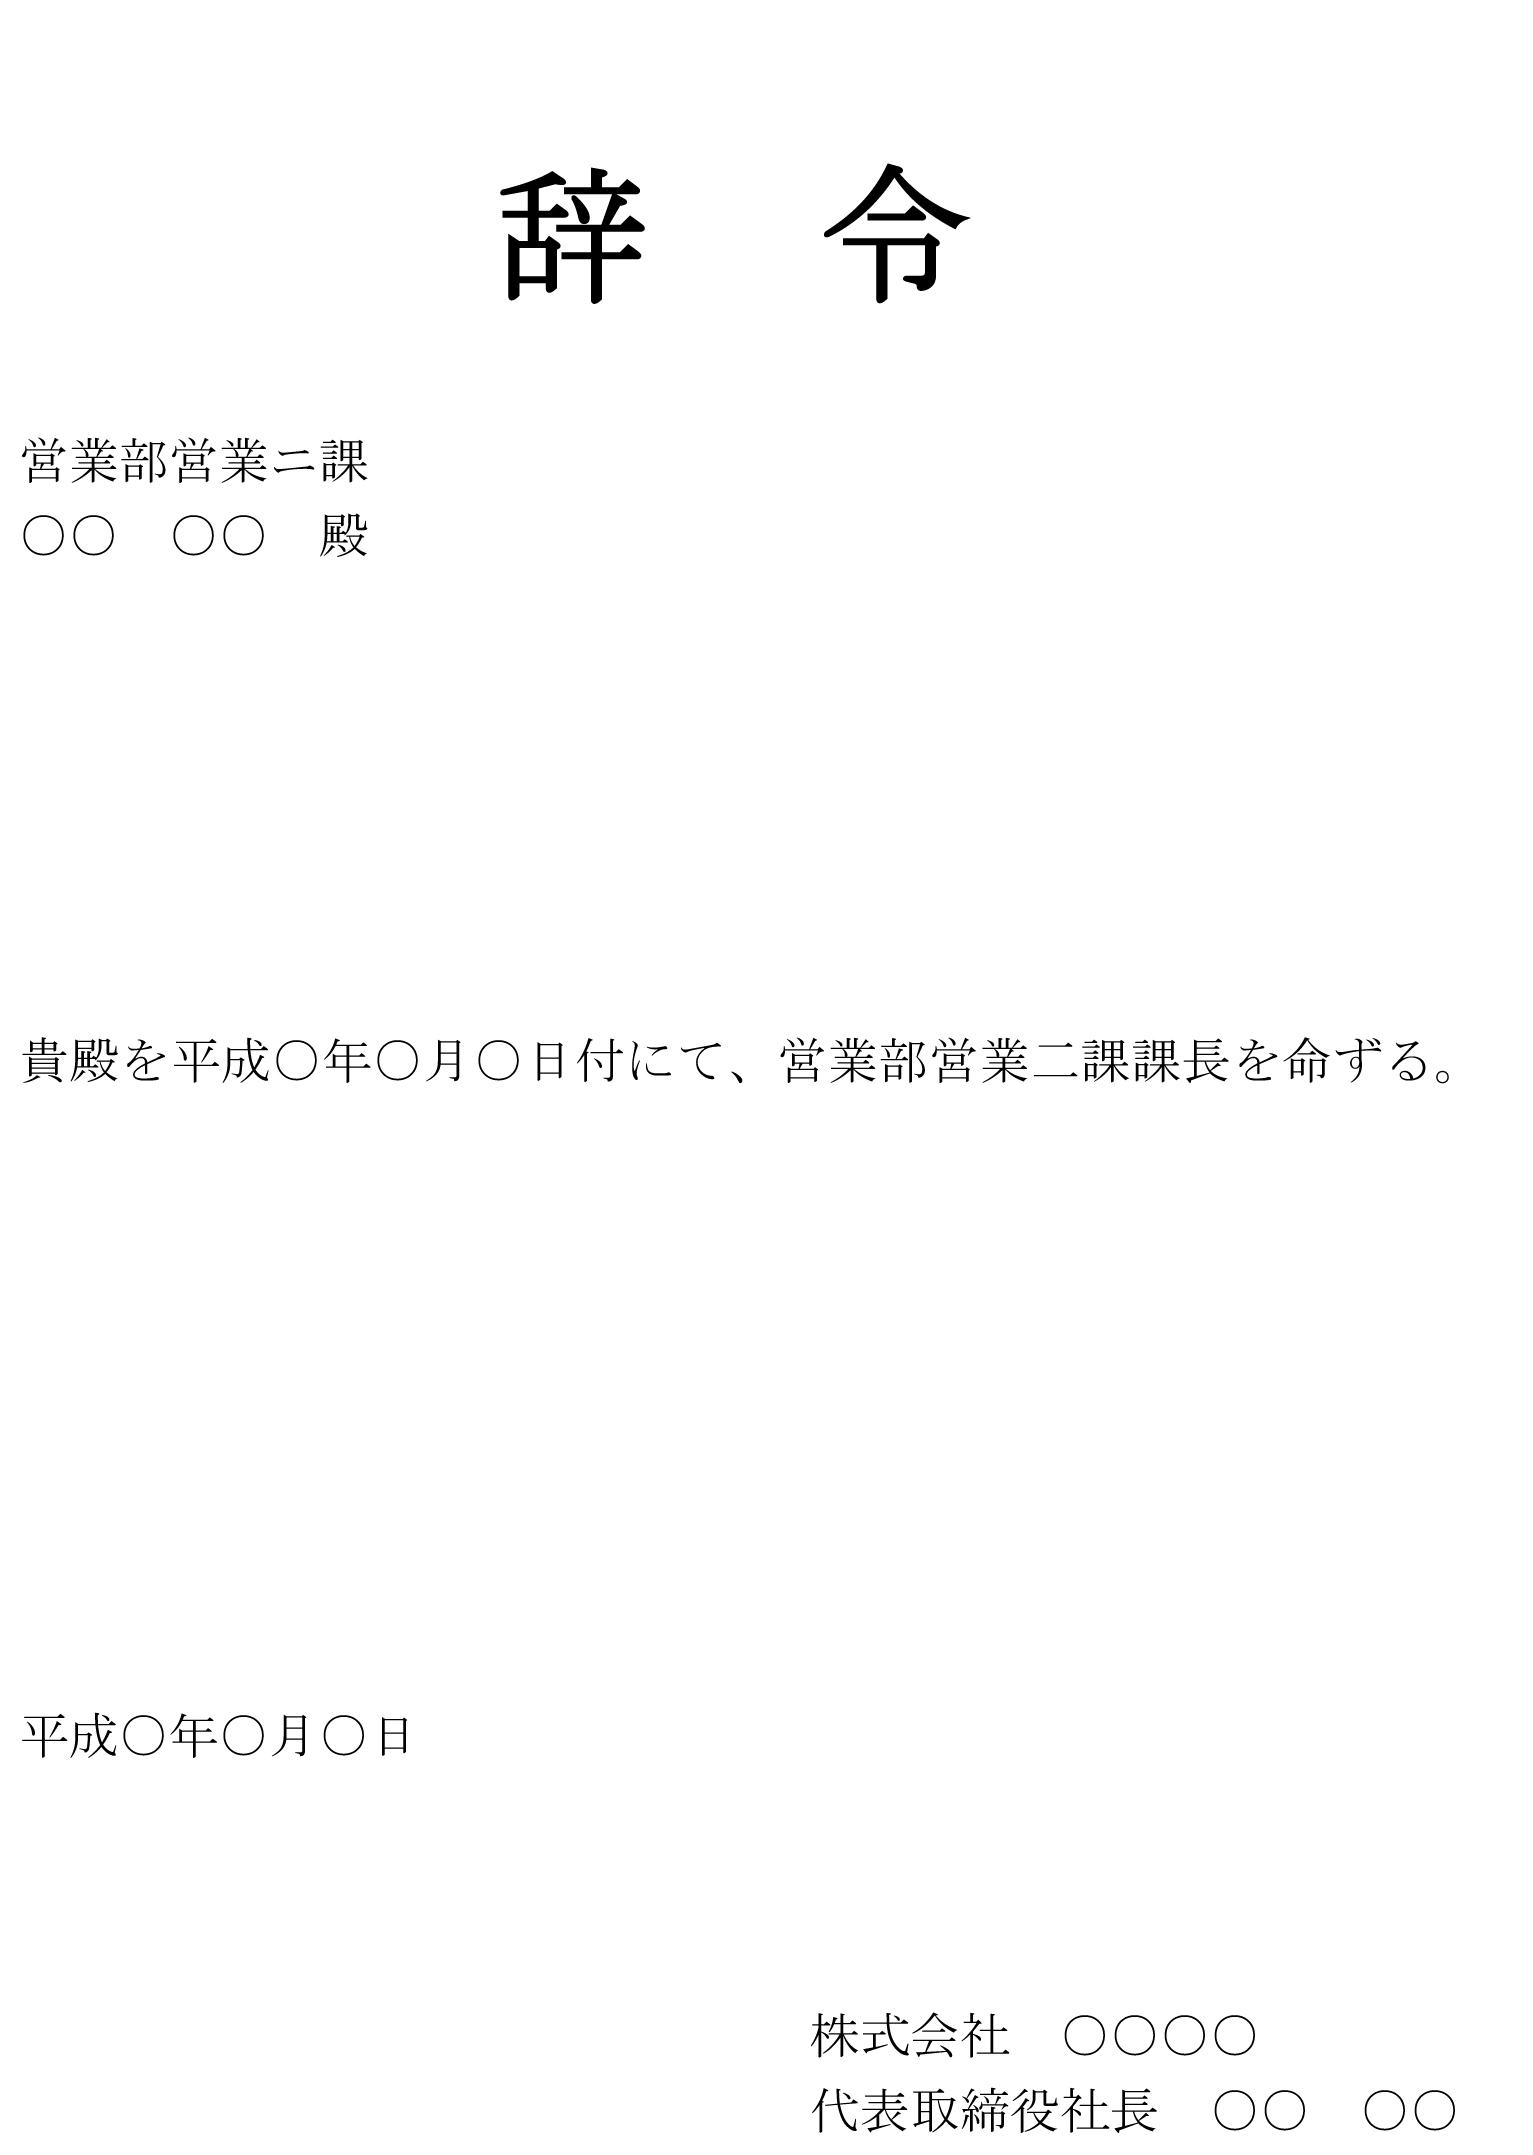 辞令(昇格)02